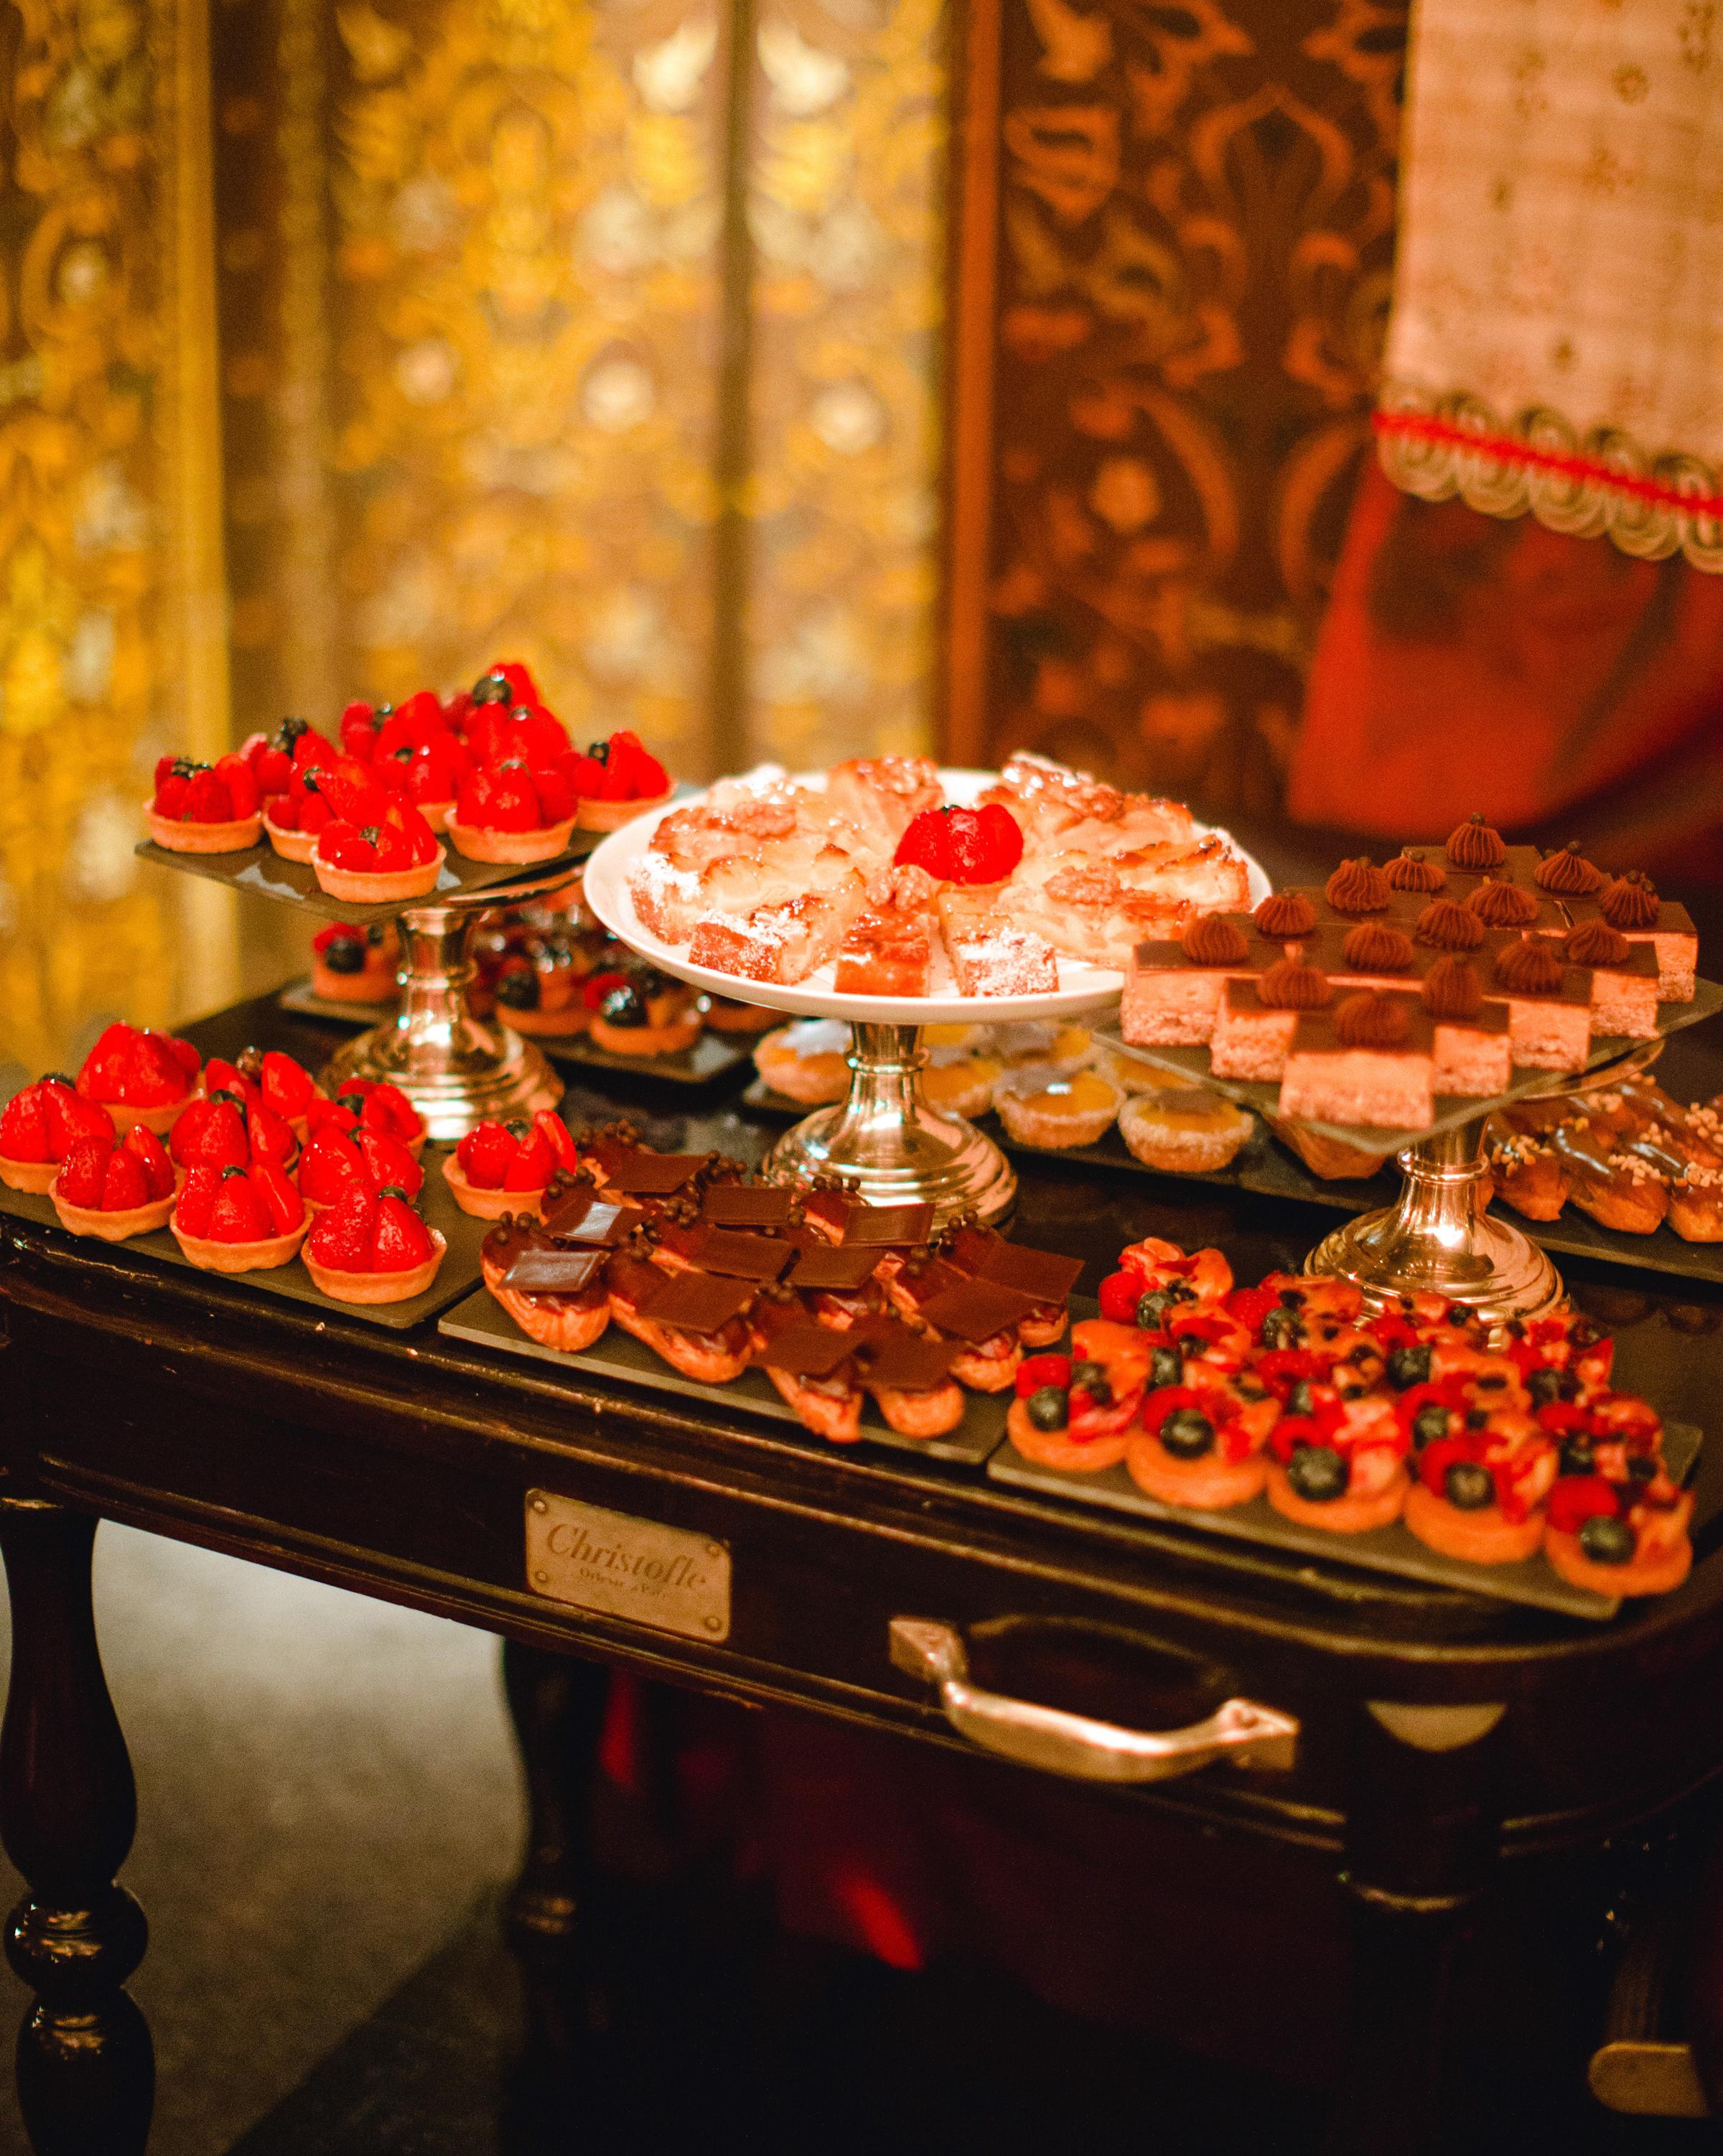 federica-tommaso-wedding-desserts-127r-s112330-1015.jpg